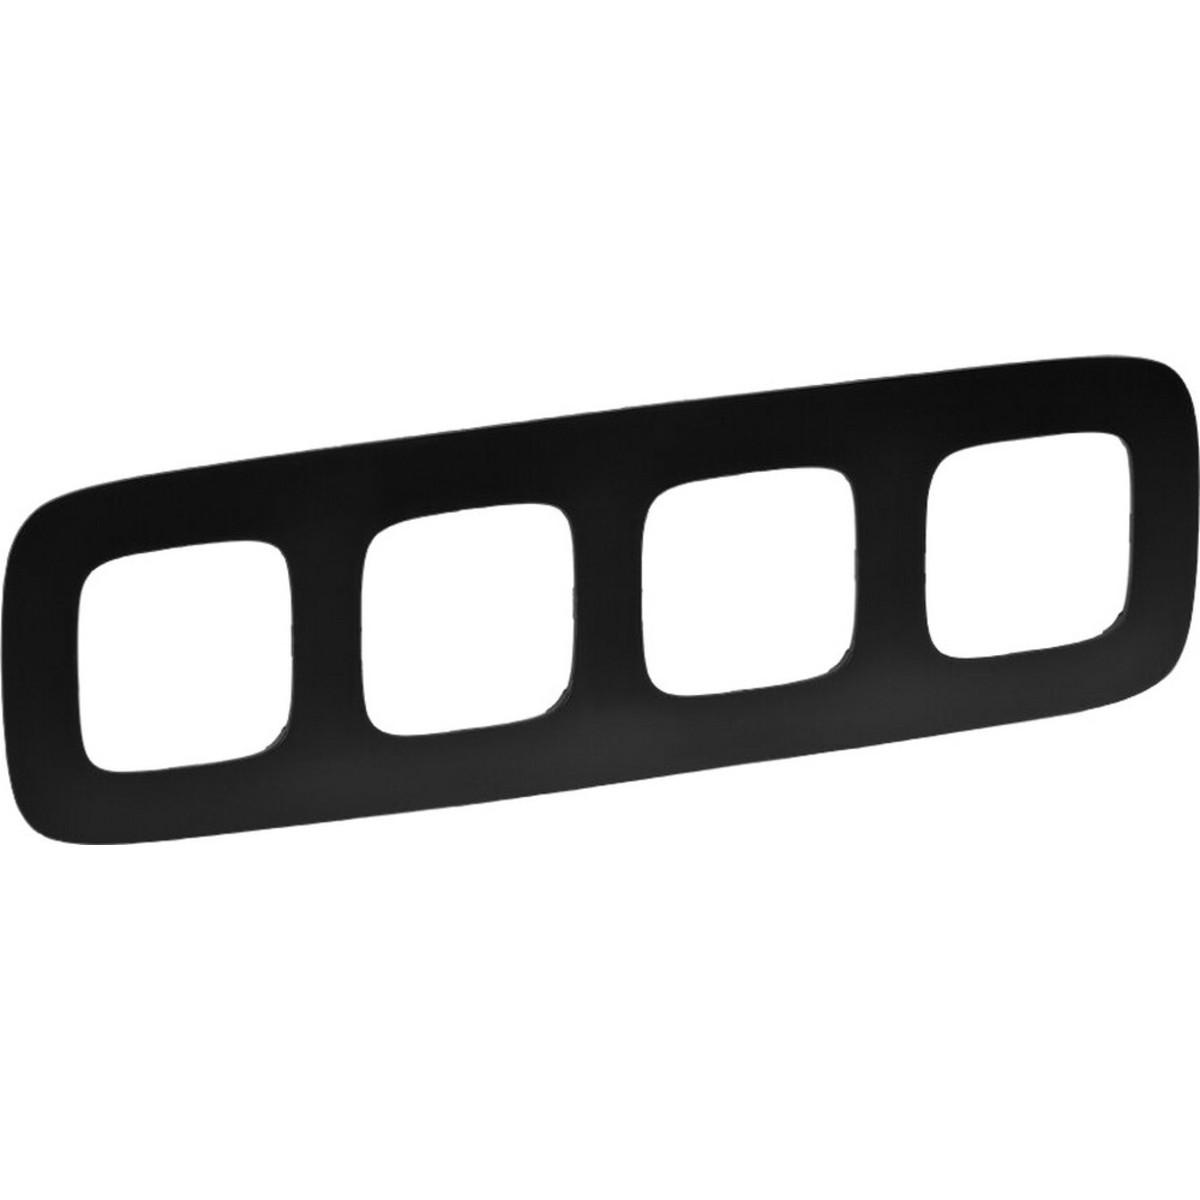 Рамка для розеток и выключателей Legrand Valena ALLURE 4 поста цвет матовый черный